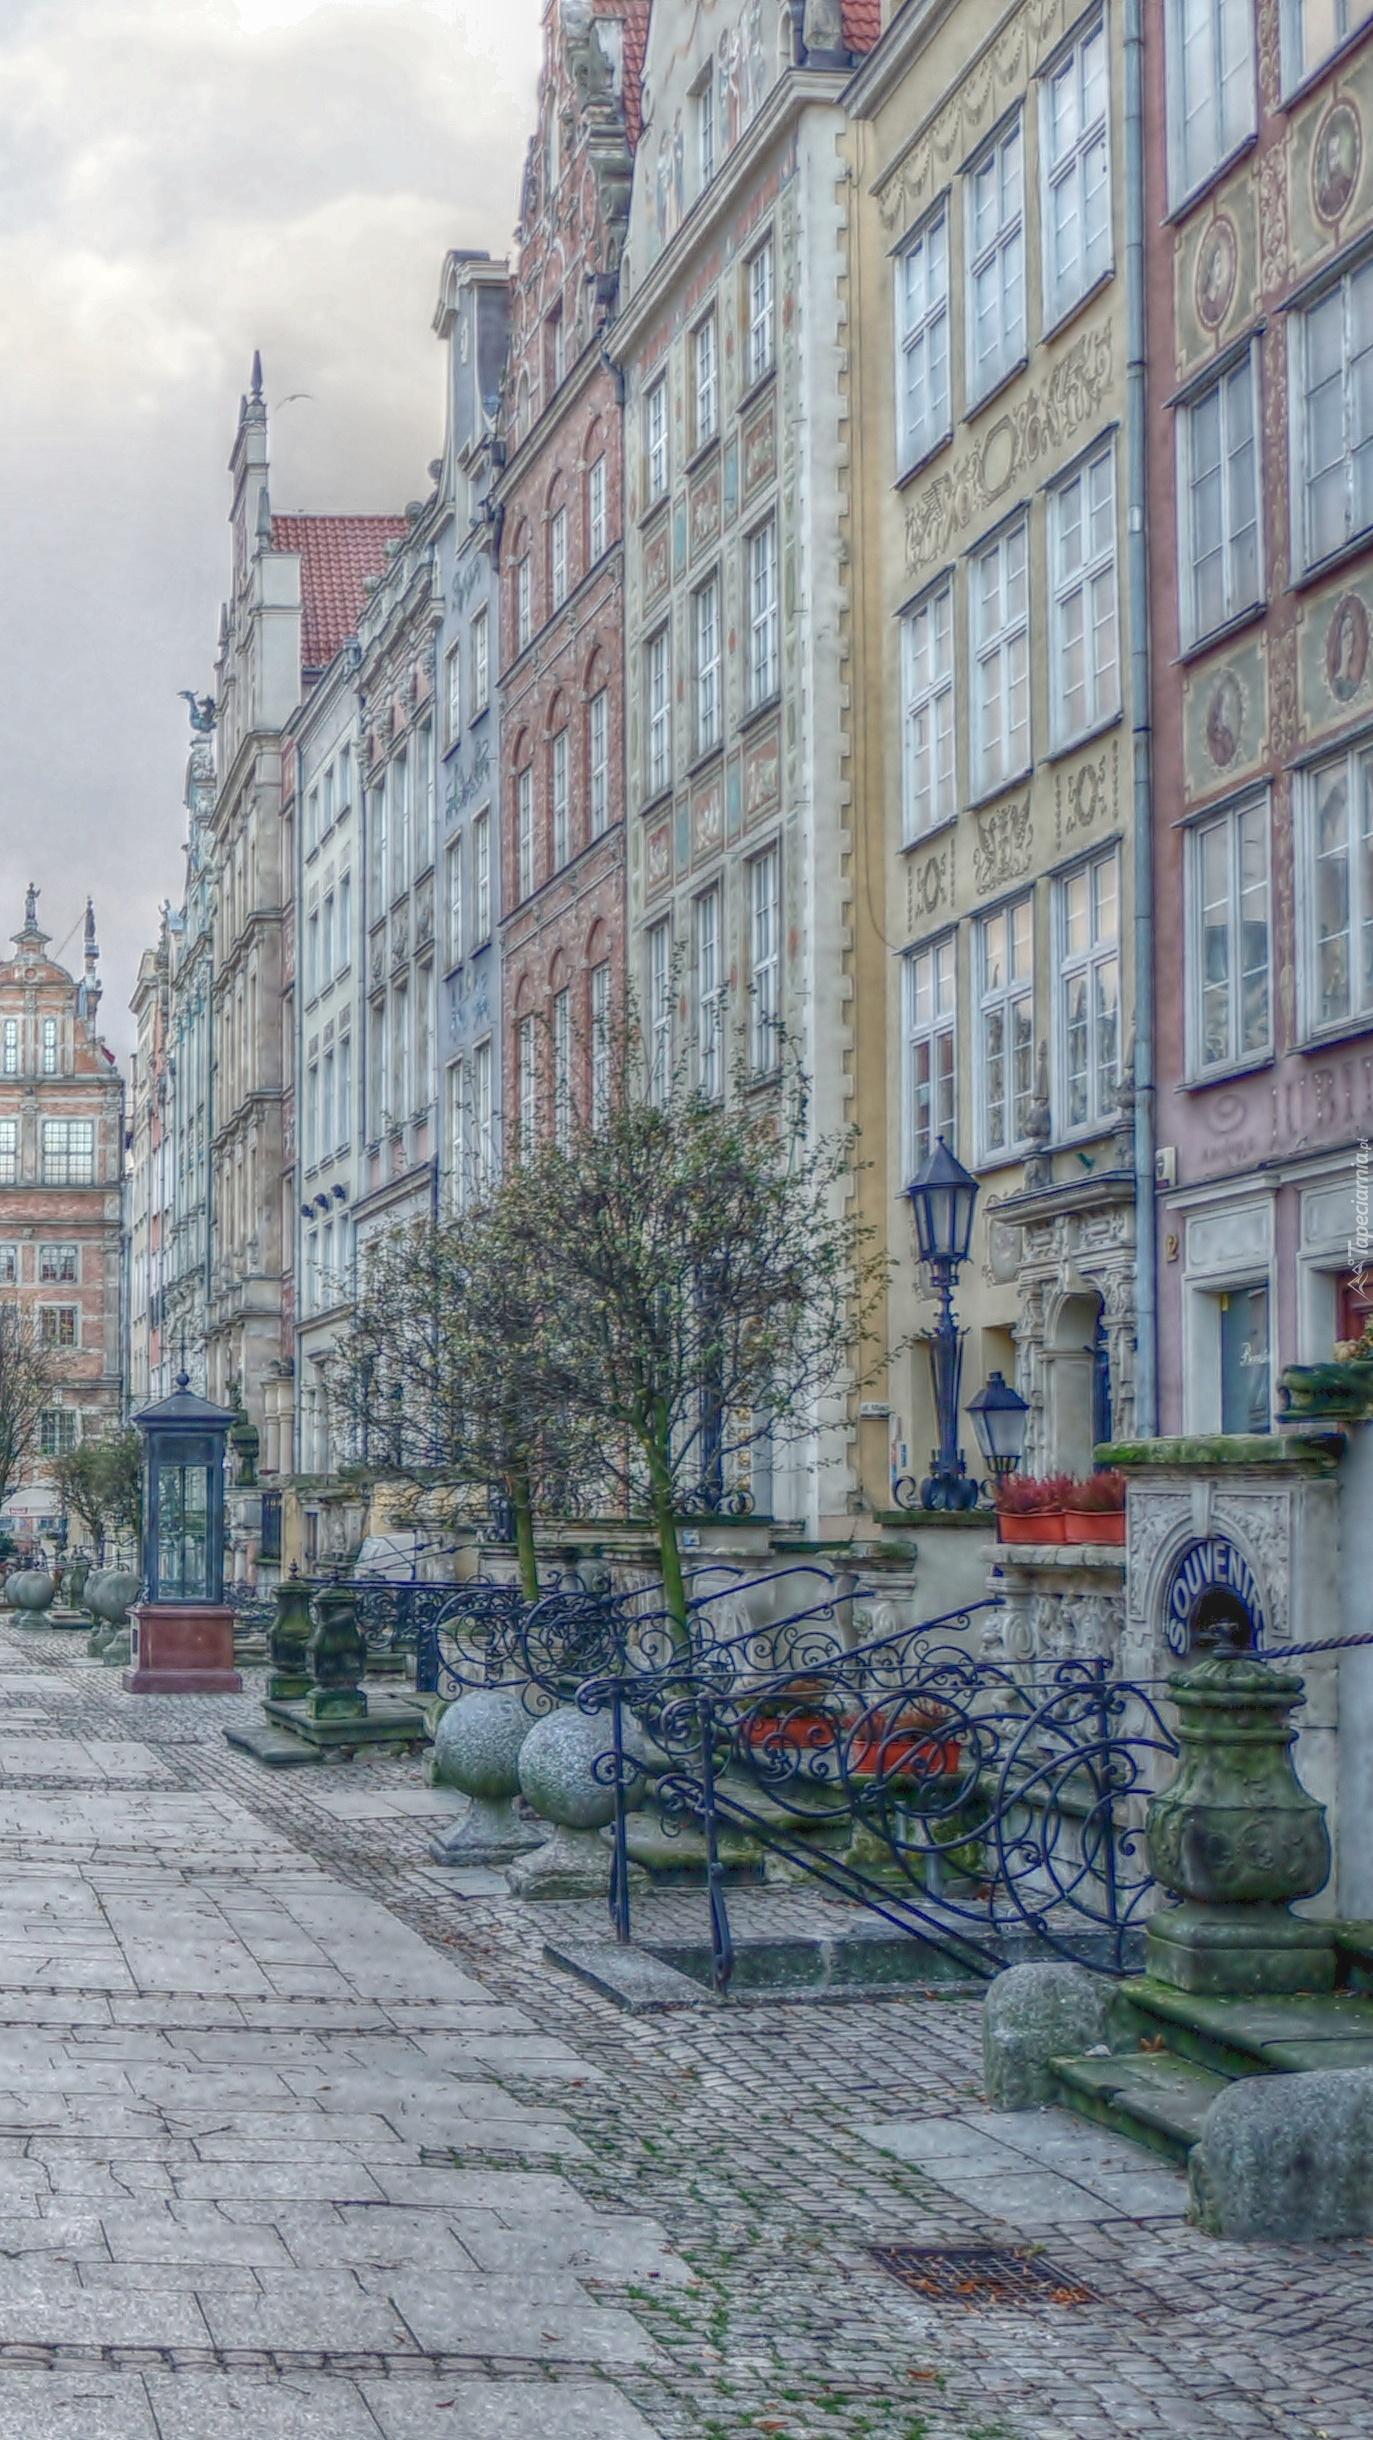 Ulica wzdłuż kamienic